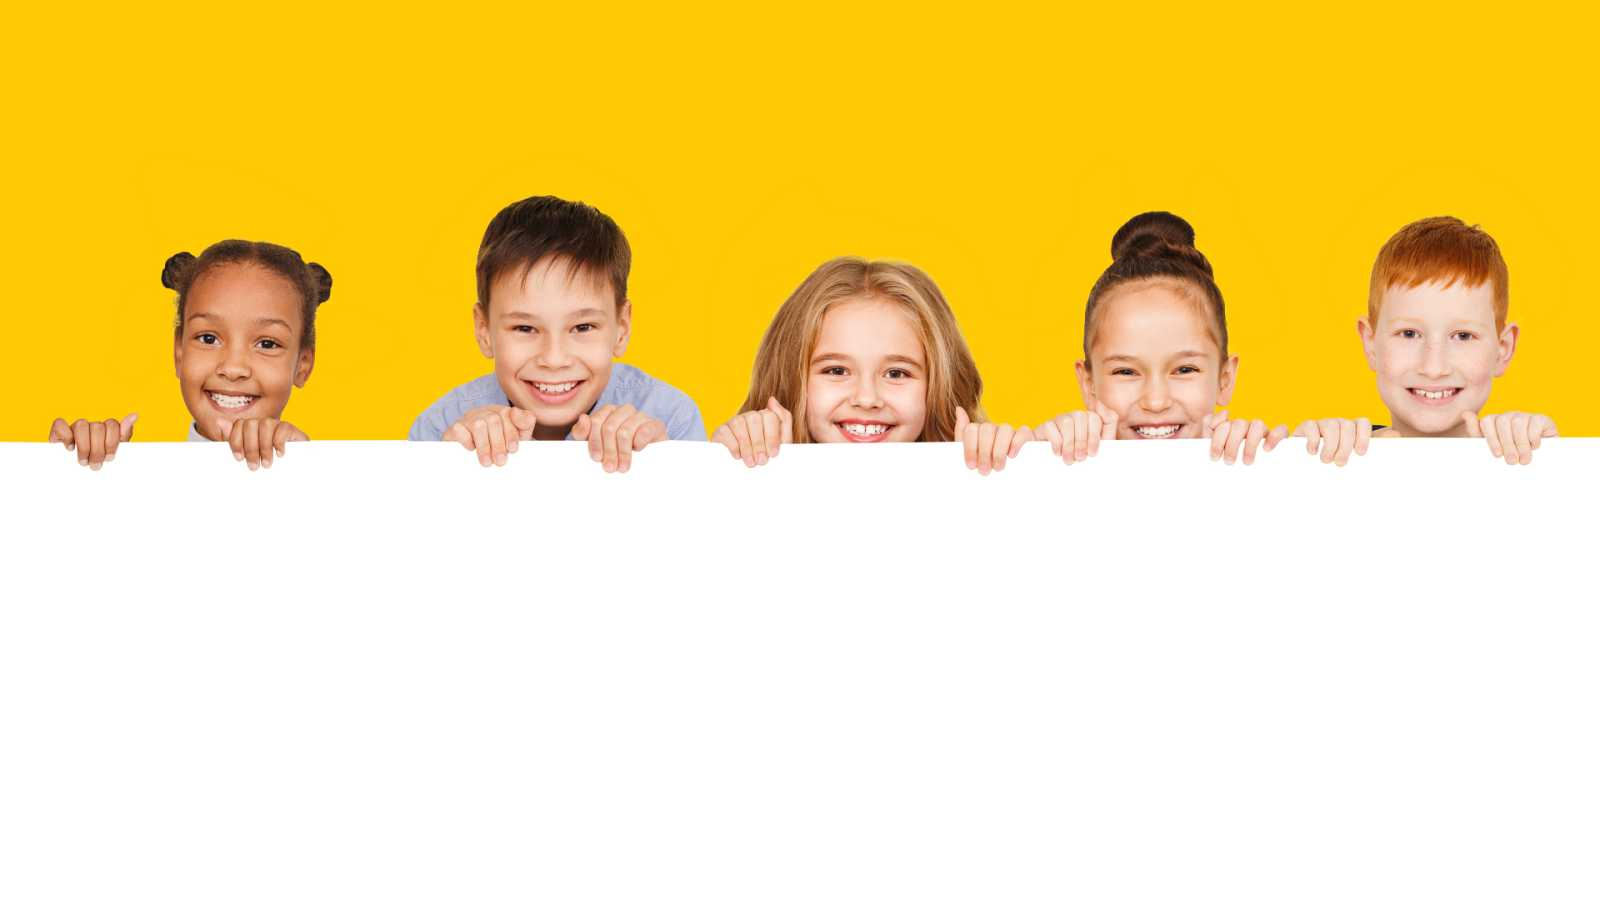 Mamás y papás - Disciplina positiva: educando desde el respeto y la calma - 27/09/20 - Escuchar ahora